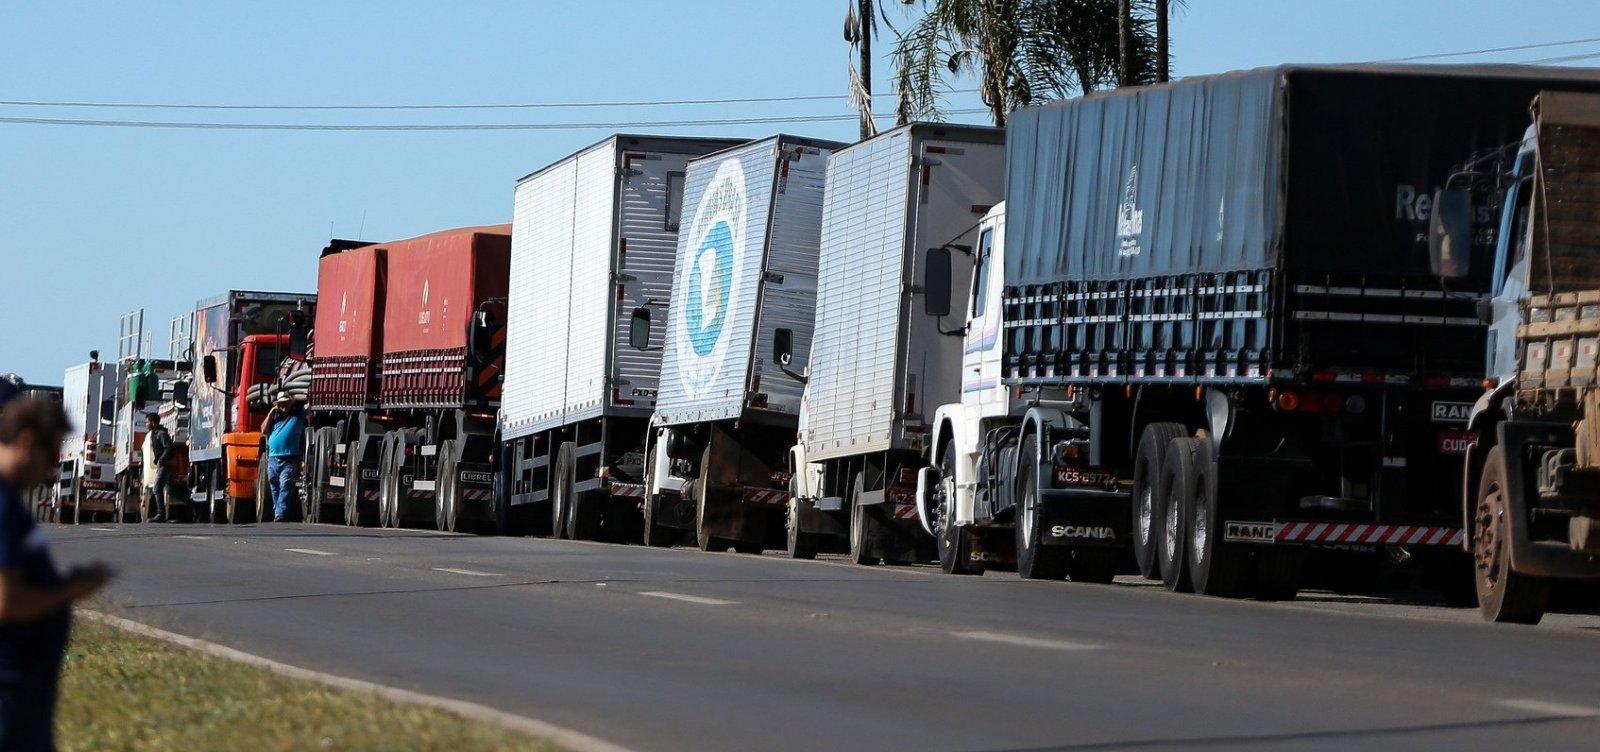 [Redução no preço do diesel tira R$ 1 bi de obras em rodovias, diz jornal]